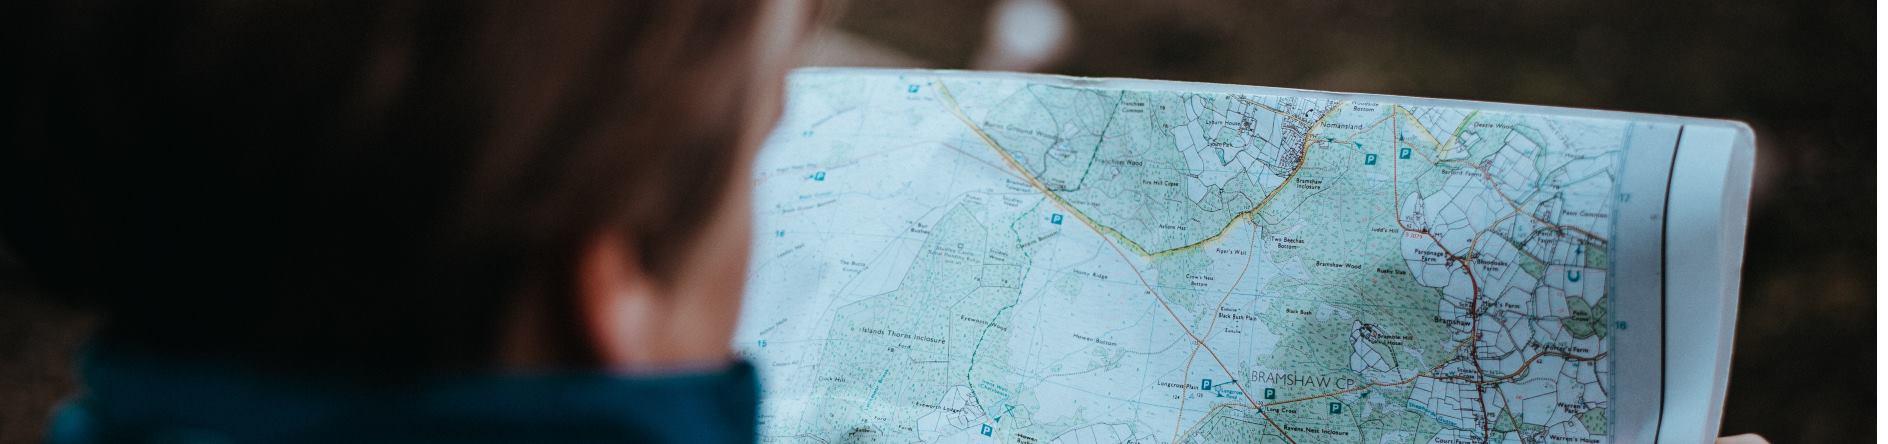 Altersvorsorge - Mann mit Karte sucht Orientierung